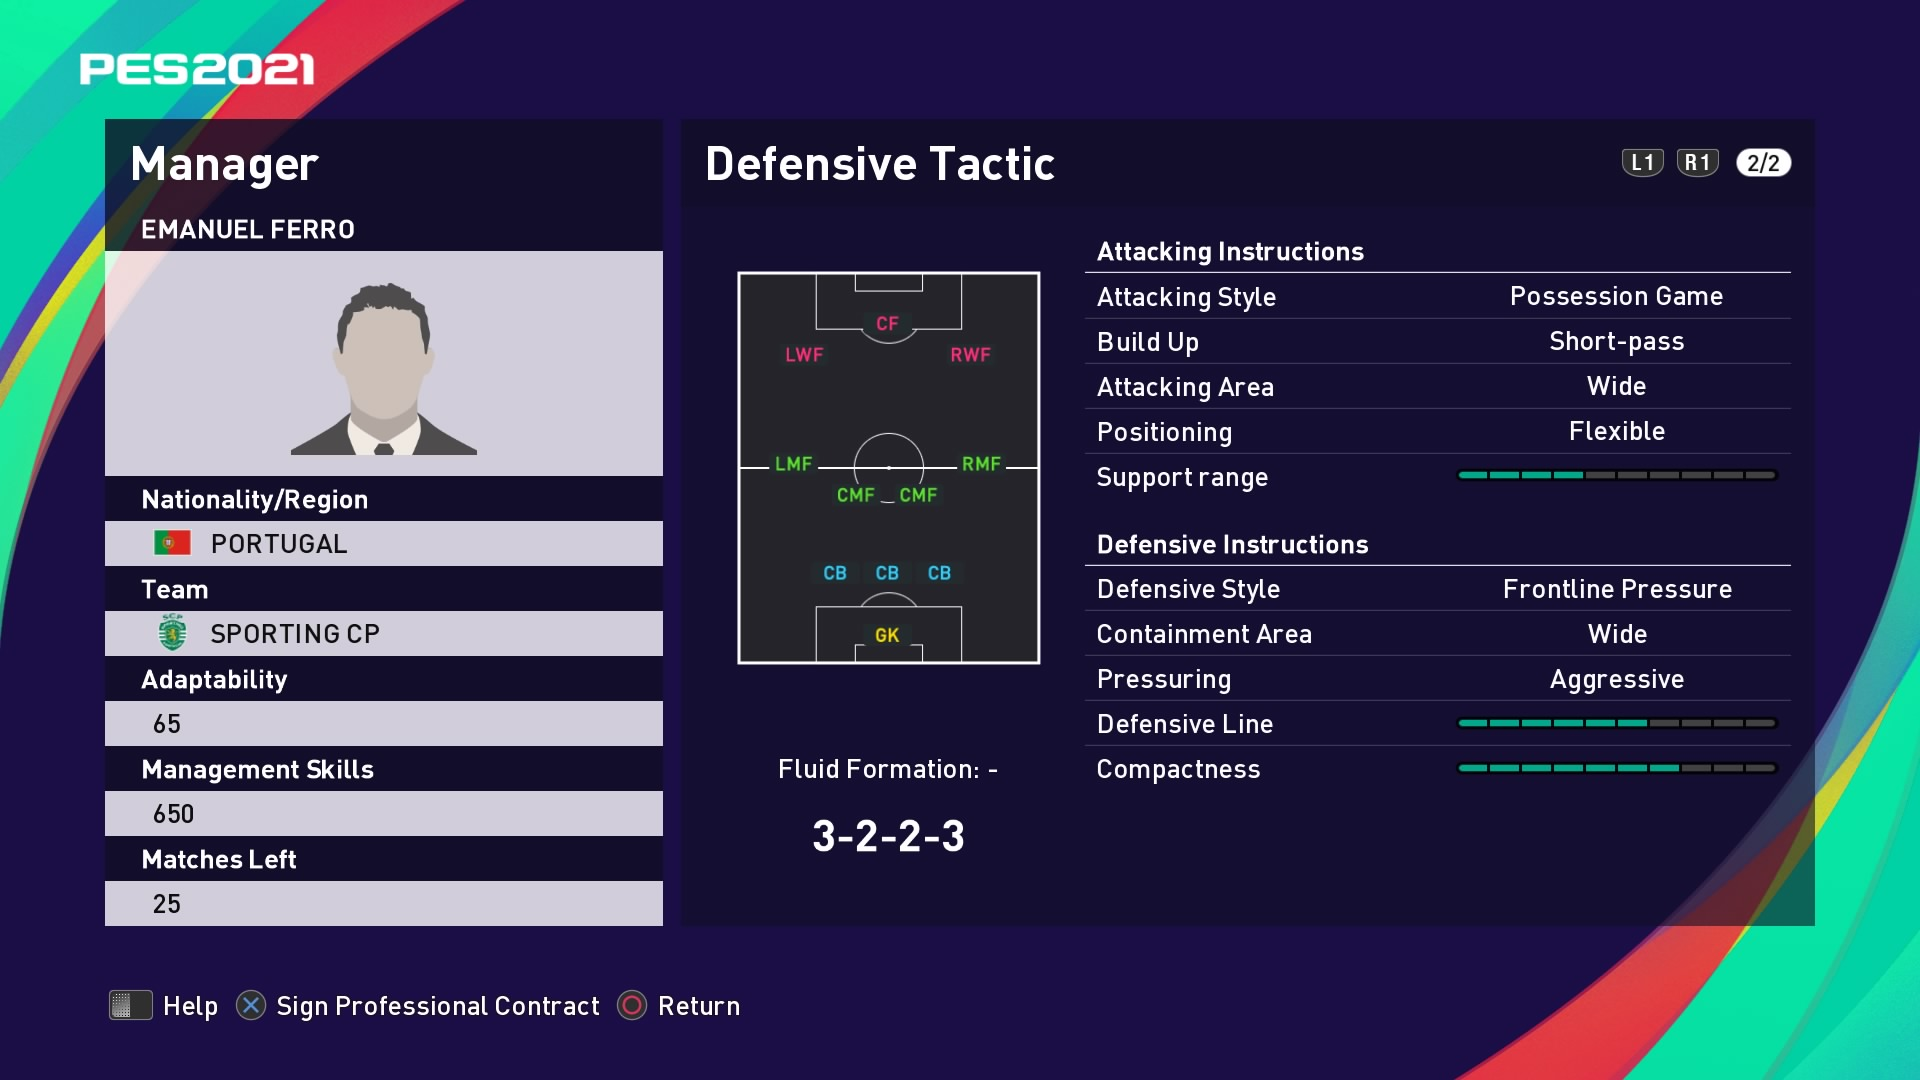 Emanuel Ferro (Rúben Amorim) Defensive Tactic in PES 2021 myClub